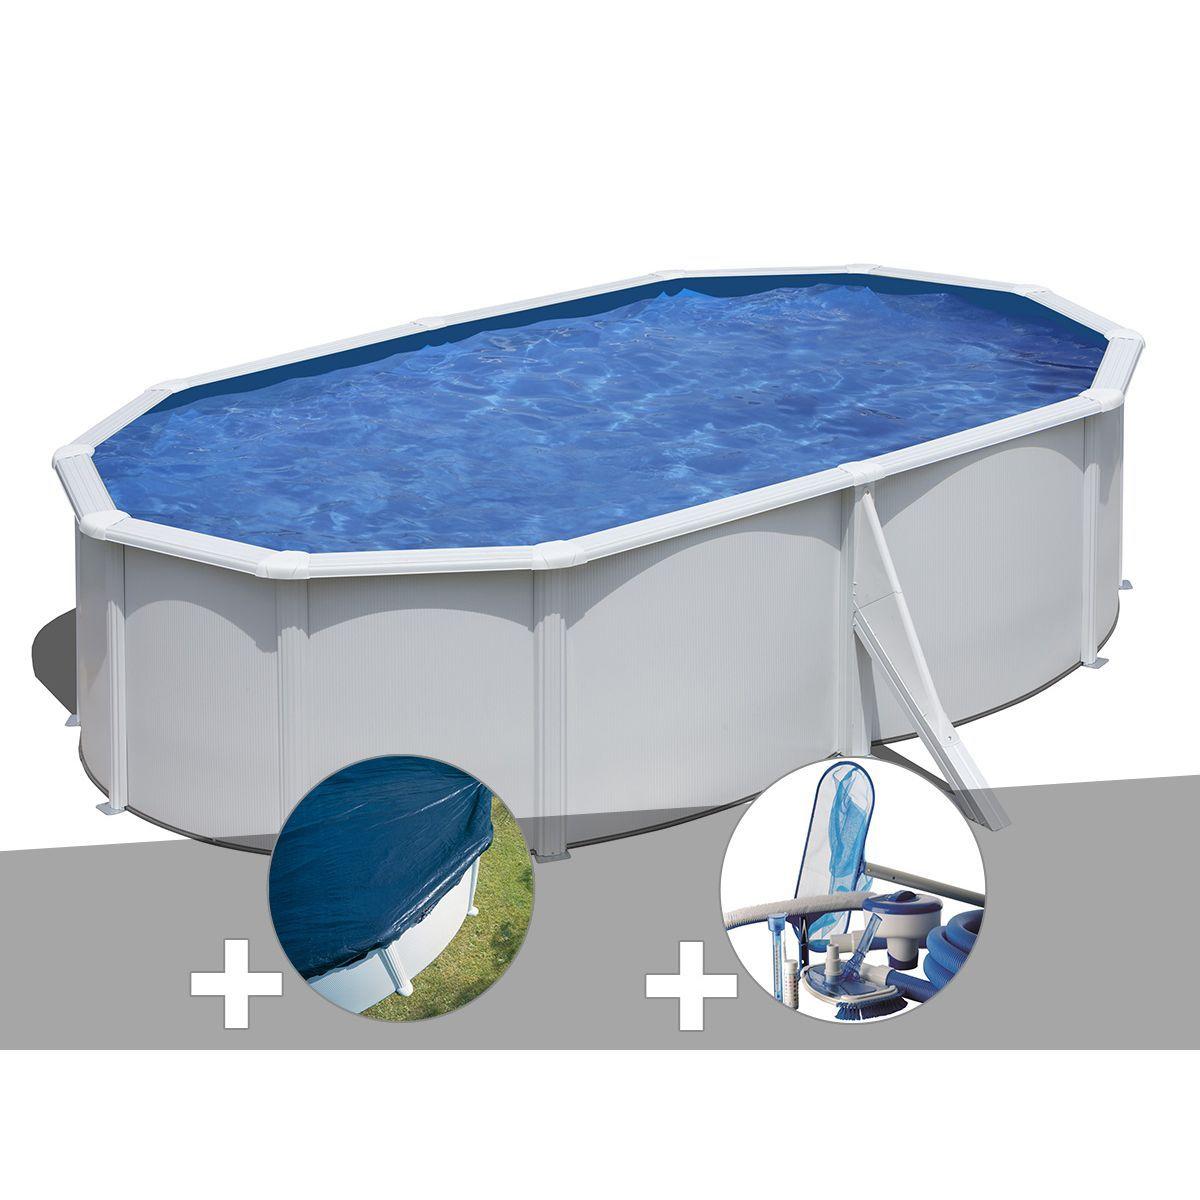 Kit Piscine Acier Blanc Gré Wet Ovale 5,27 X 3,27 X 1,22 M + ... encequiconcerne Bache Piscine Ovale